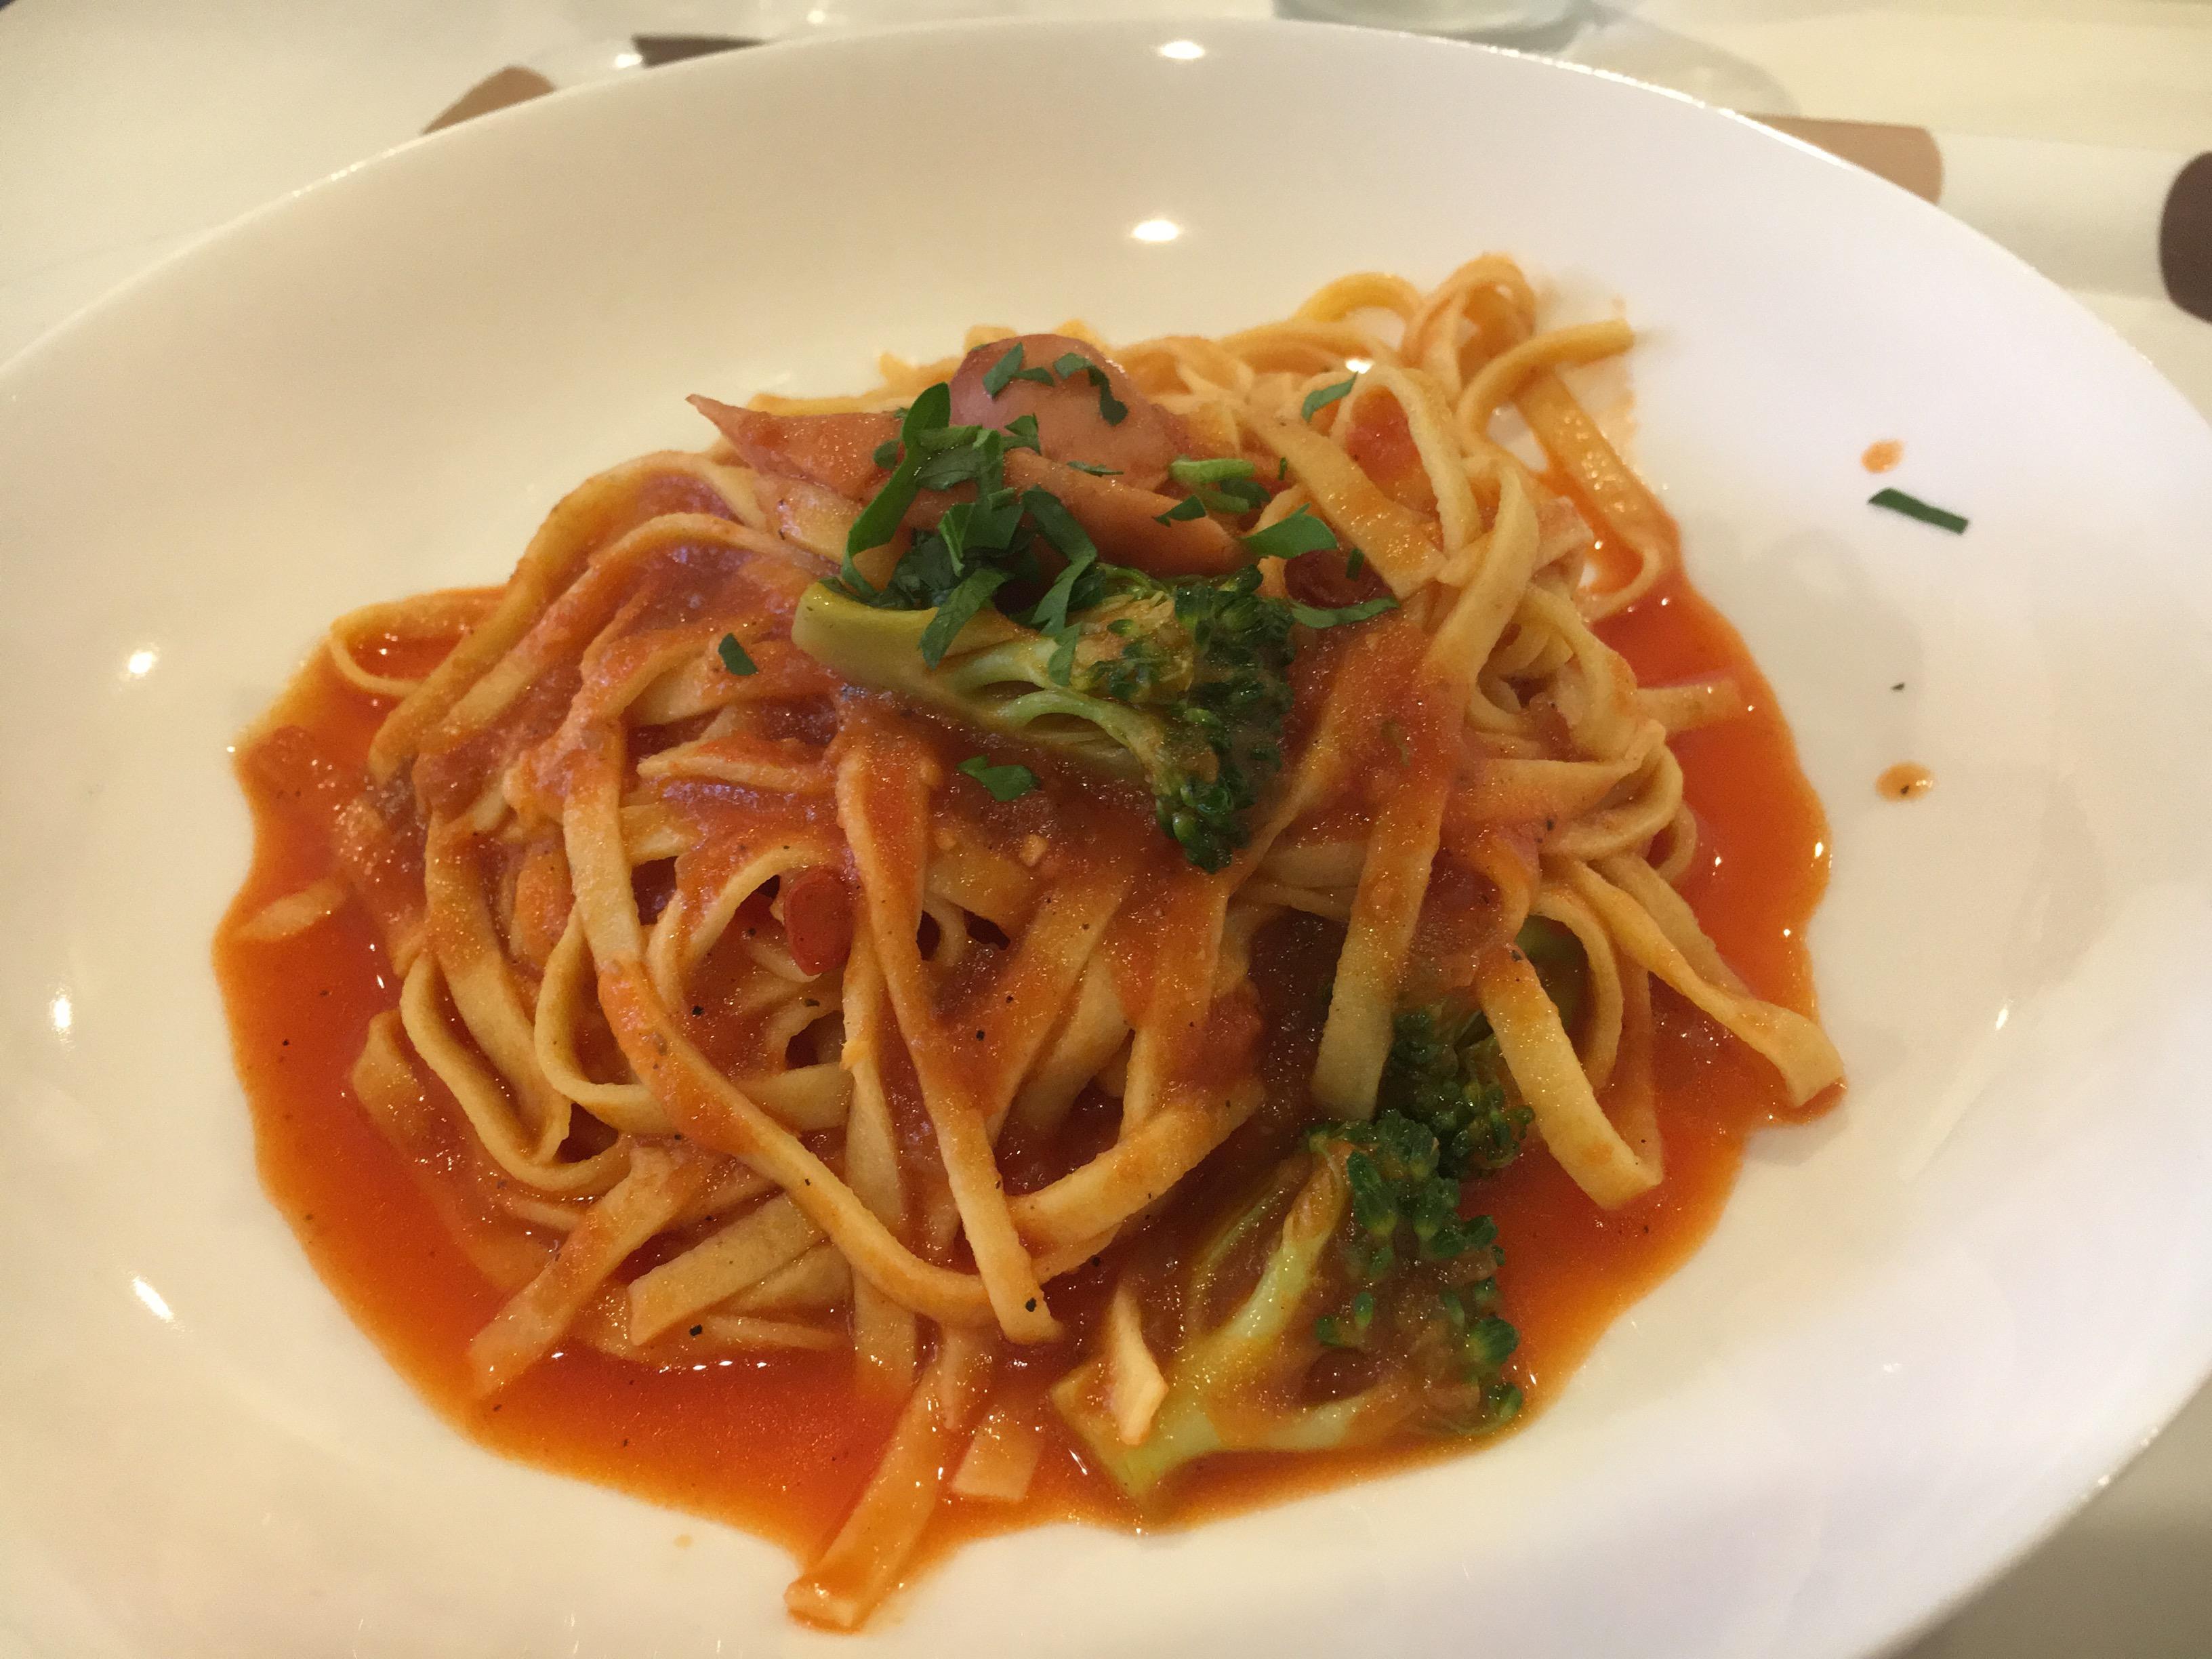 【イタリアン食堂ココッツア】熊本県庁近くで自家製パスタが自慢のイタリアン